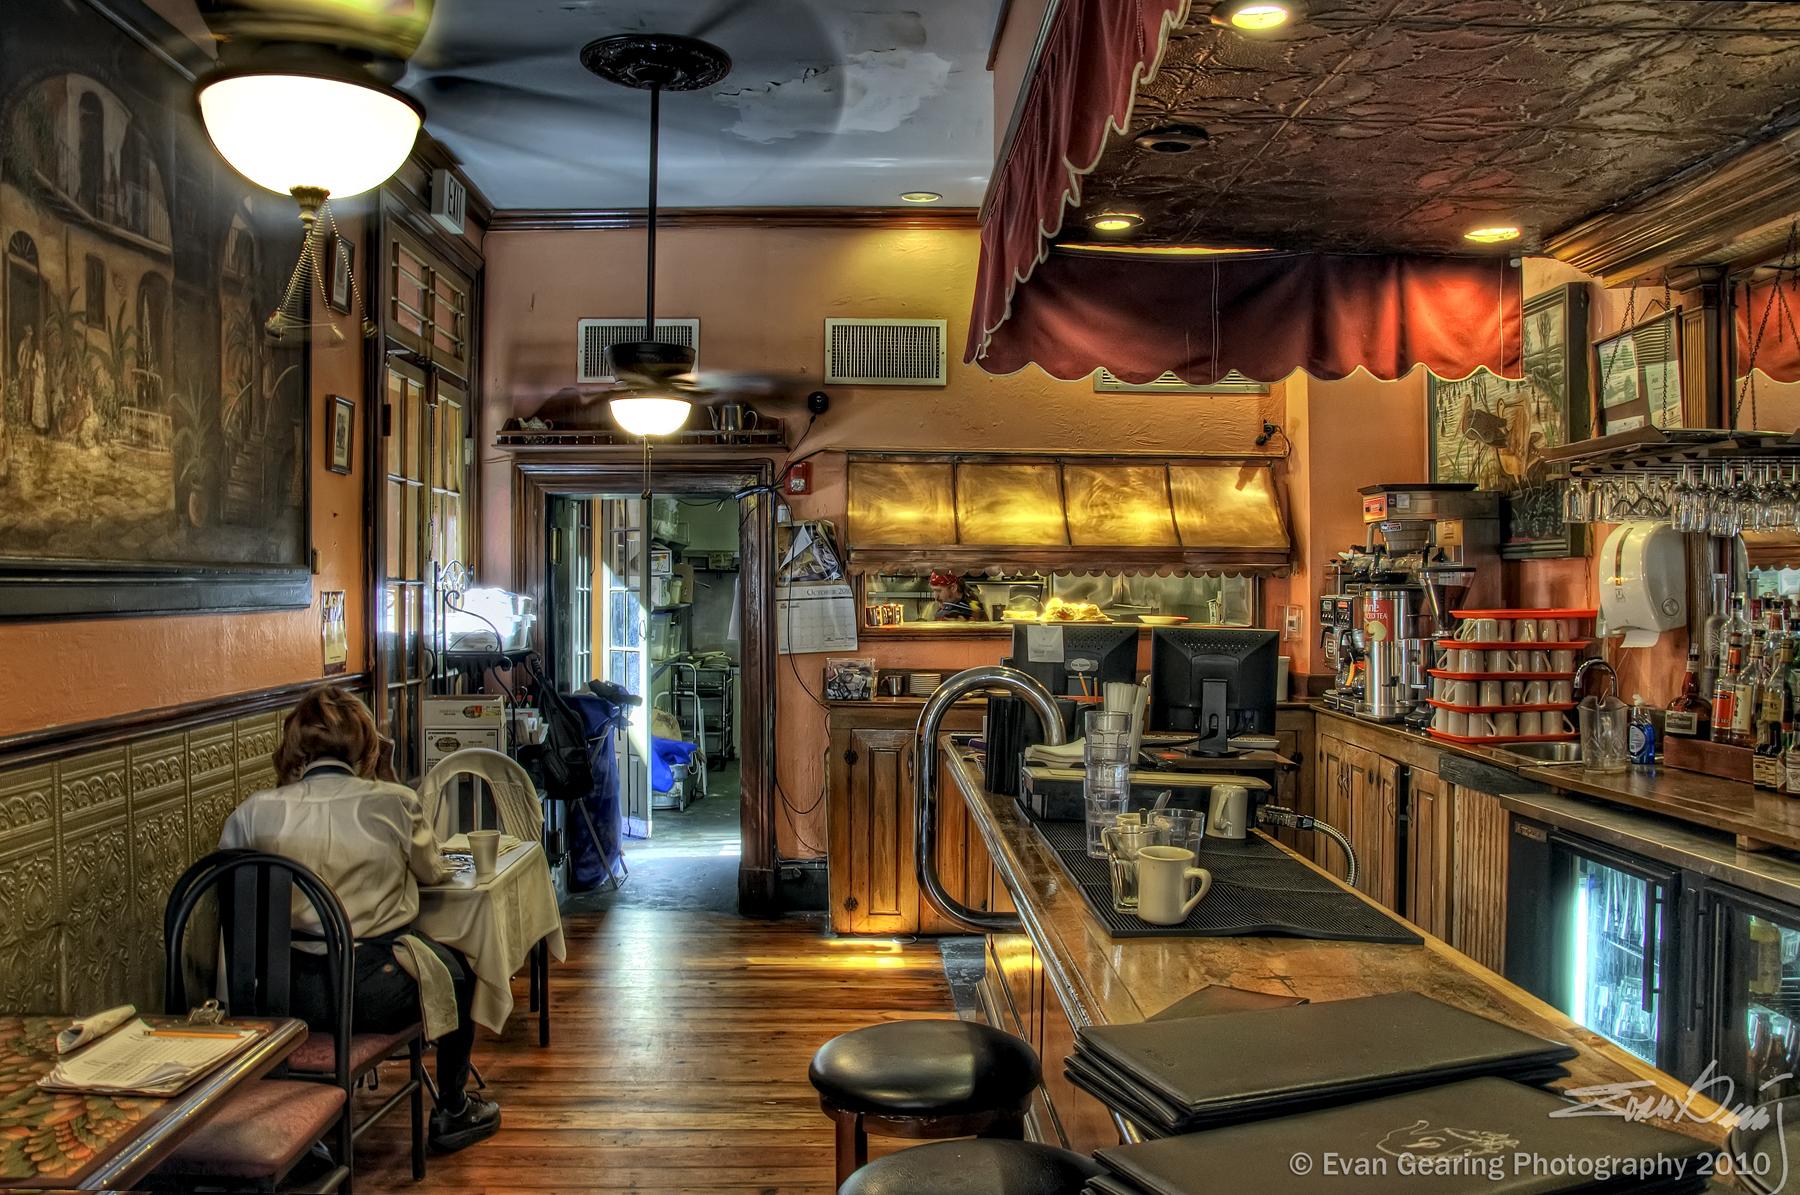 Hintergrundbilder : Küche, Bar, Restaurant, Pub, Innenarchitektur ...